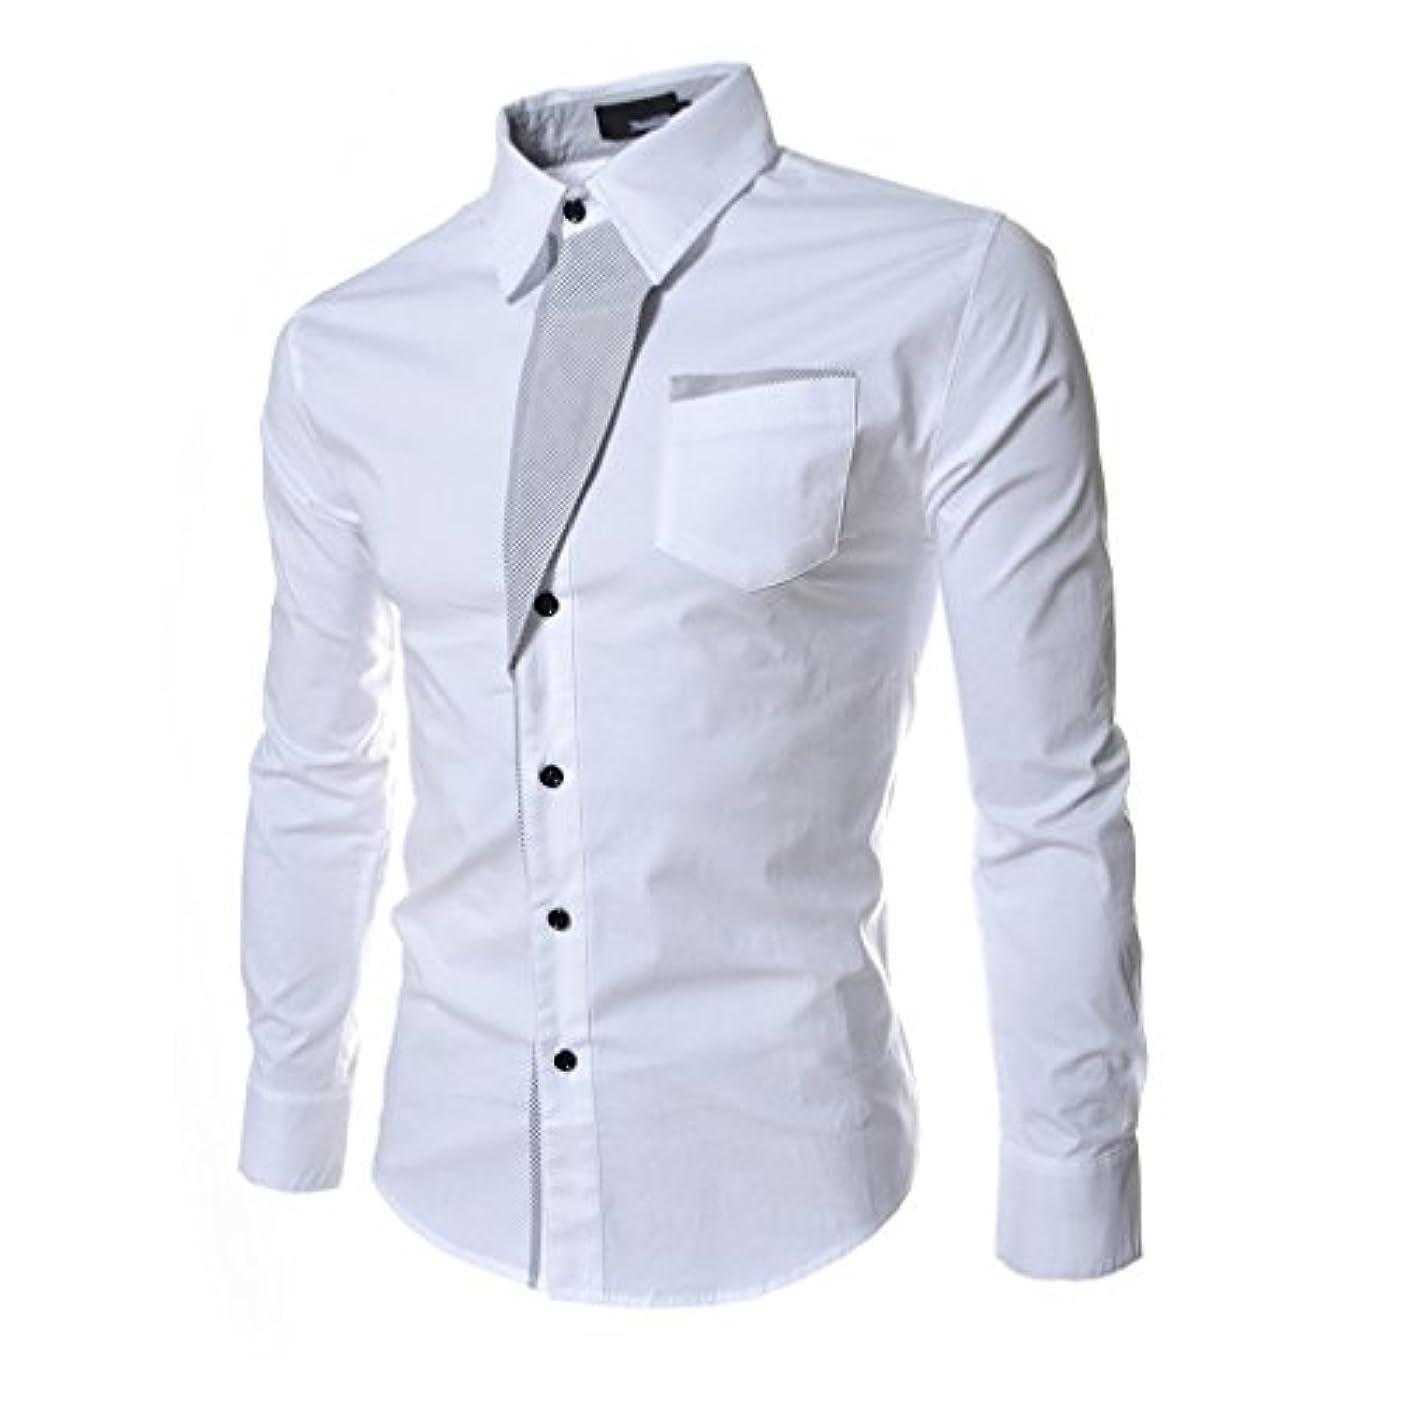 精通した古風なコントローラHonghu メンズ シャツ 長袖 スリム ホワイト 2XL 1PC